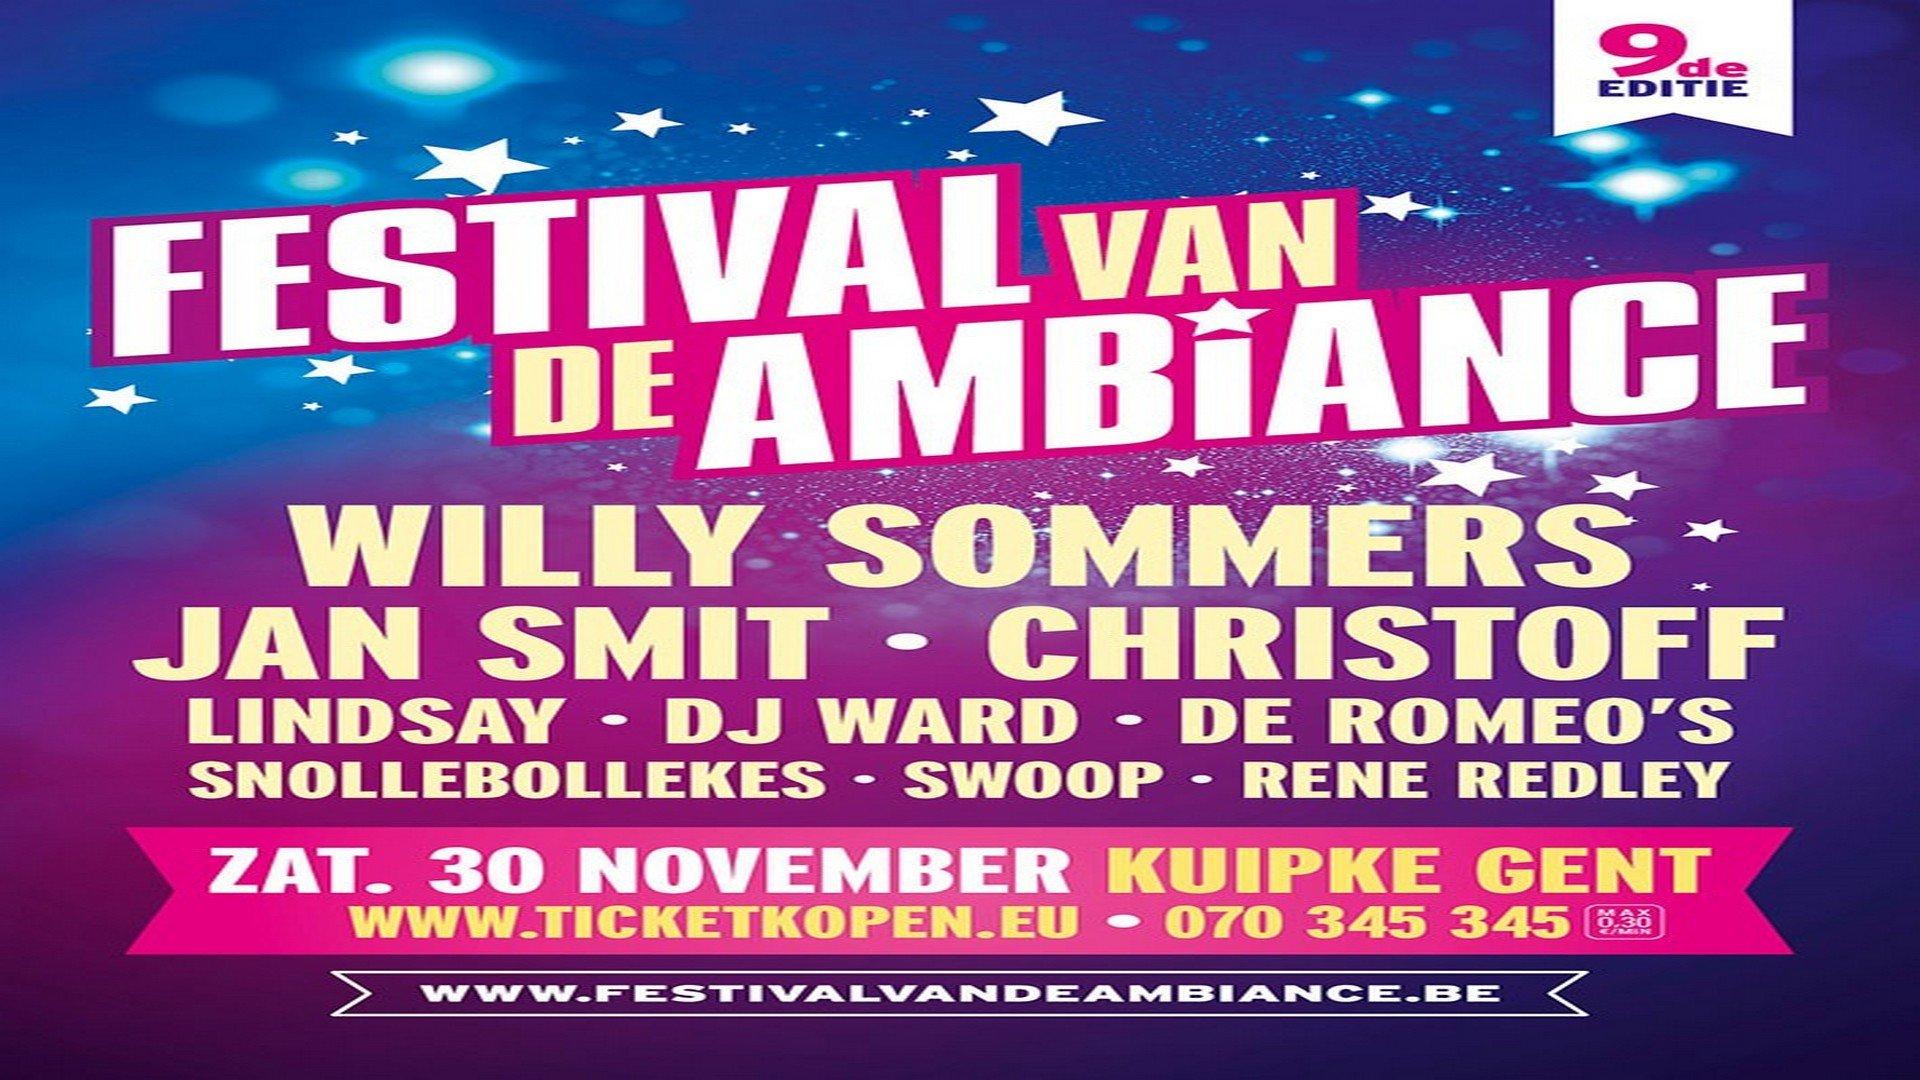 Christoff, Swoop, DJ Ward, Rene Redley en Jan Smit komen naar het Gentse 'Festival van de Ambiance' - Affiche Festival van de ambiance 2019